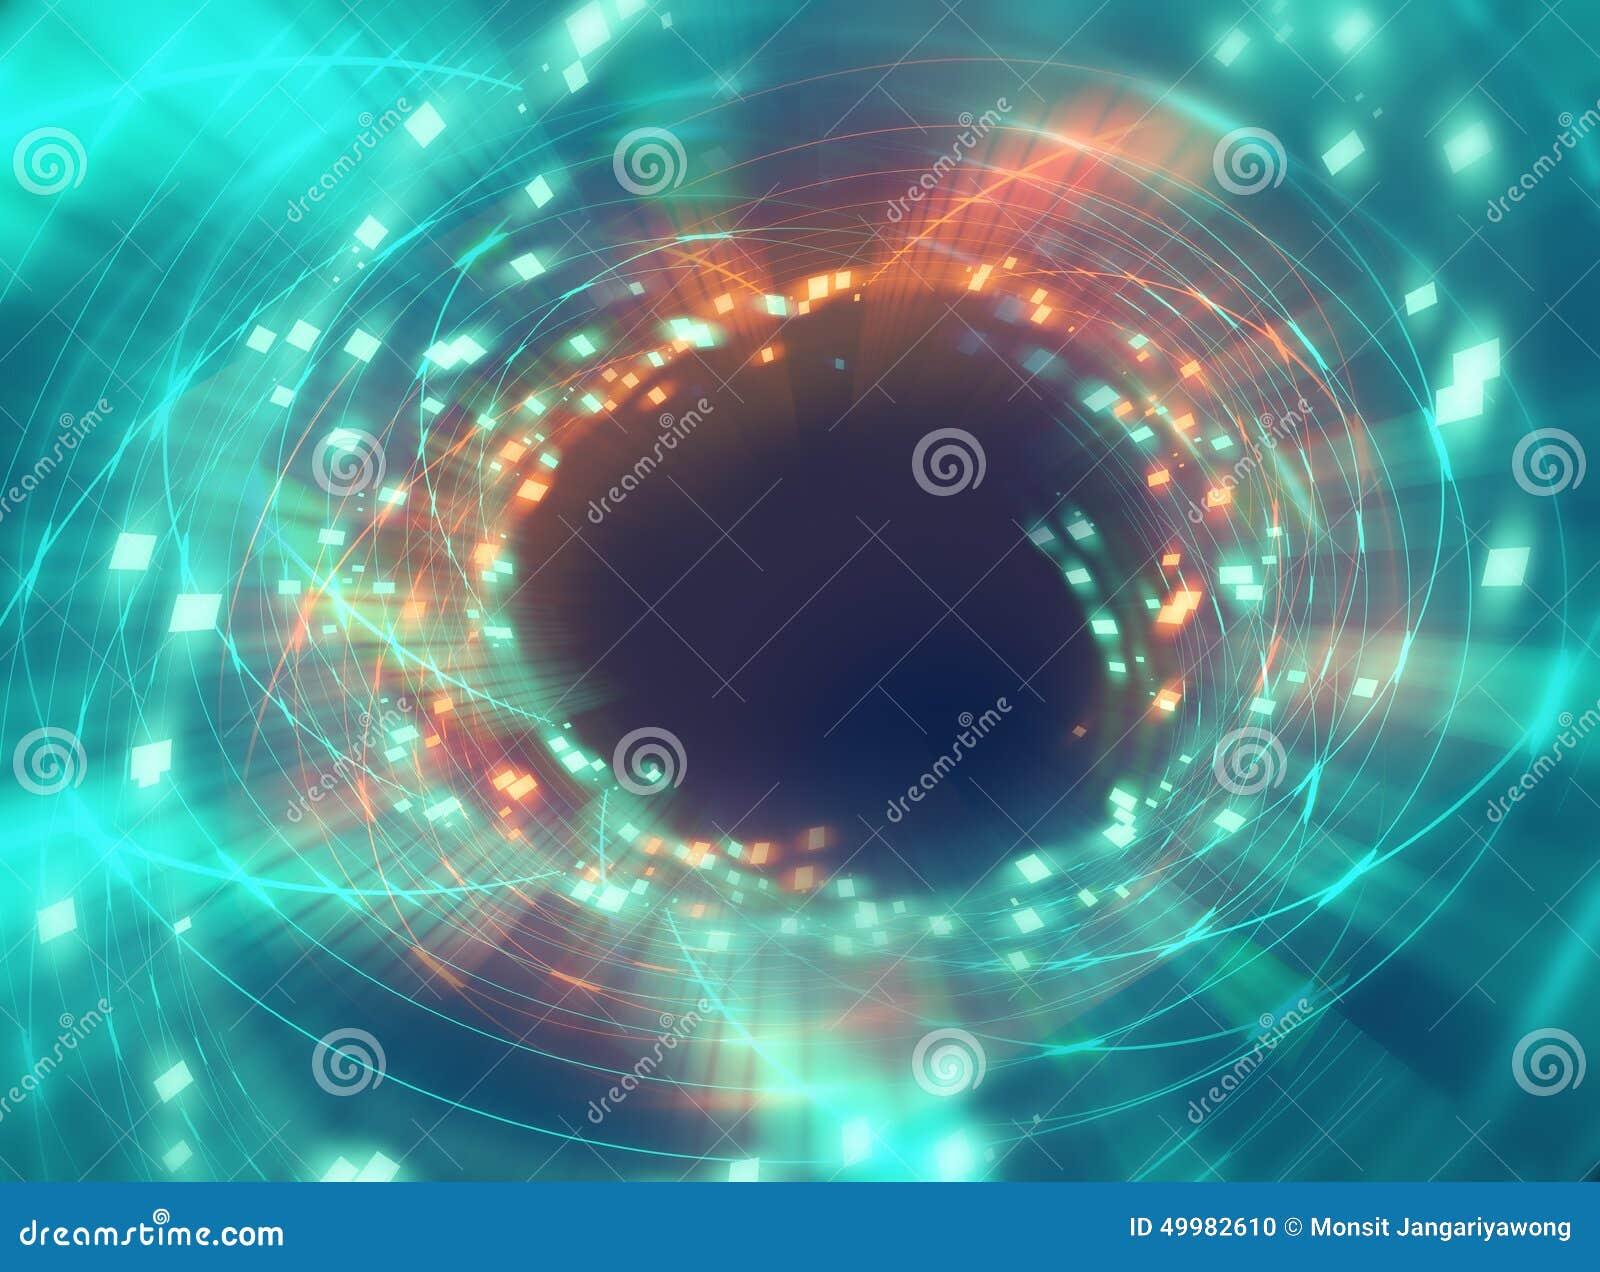 Красочная геометрическая круговая задняя часть абстрактной технологии tunnelshape